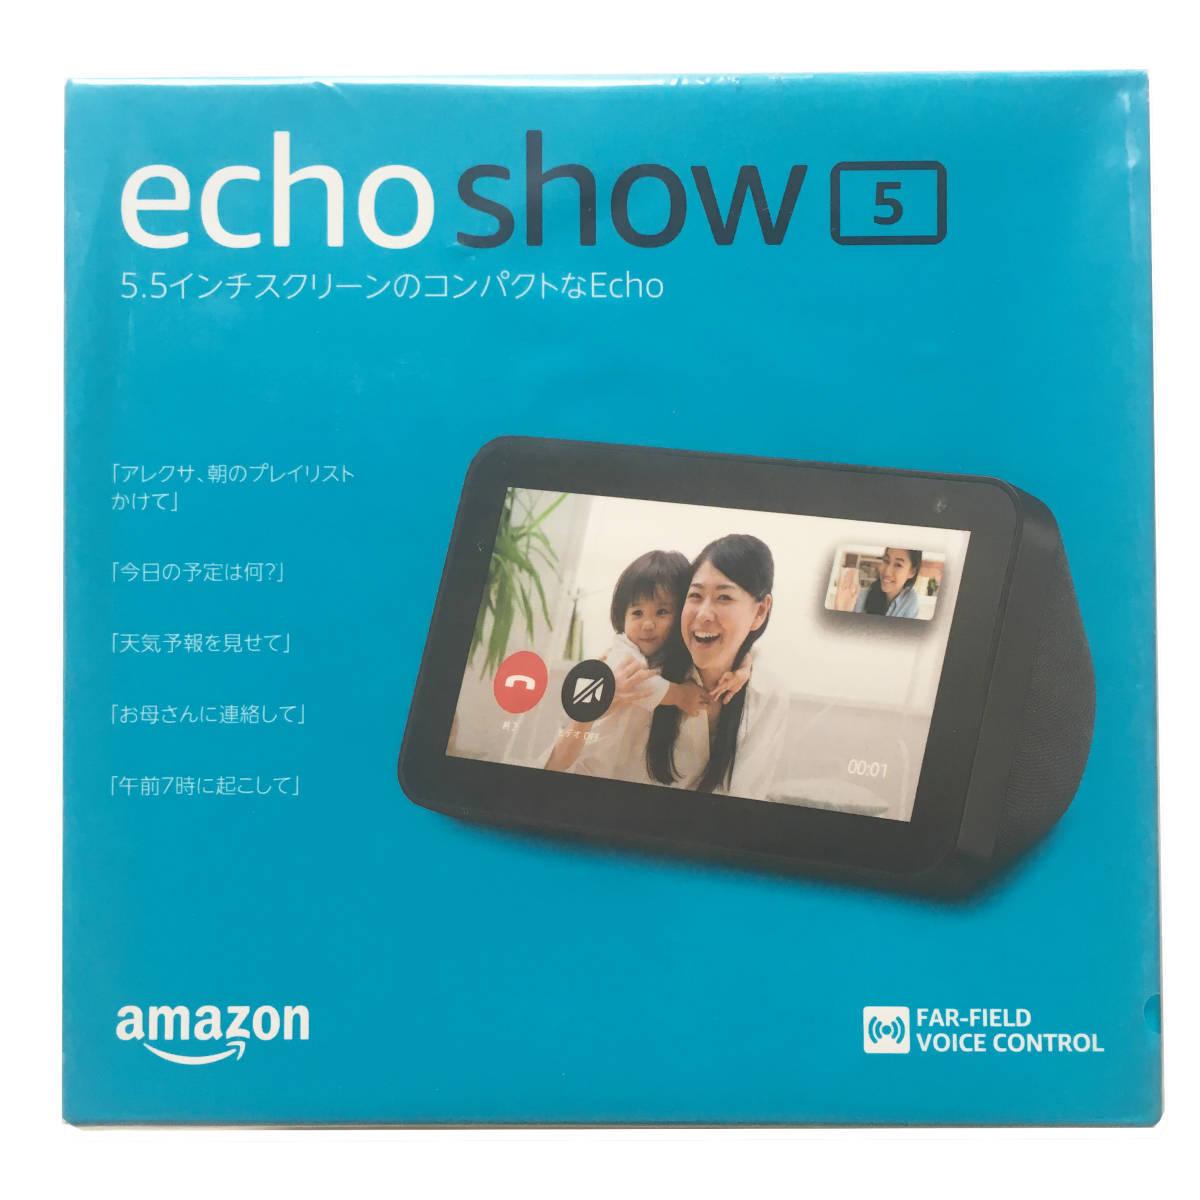 【新品・未開封】 Amazon echo show 5 Alexa 対応 スマートスピーカー + LinkJapan eRemote mini IoT リモコン セット IFTTT 対応_画像2